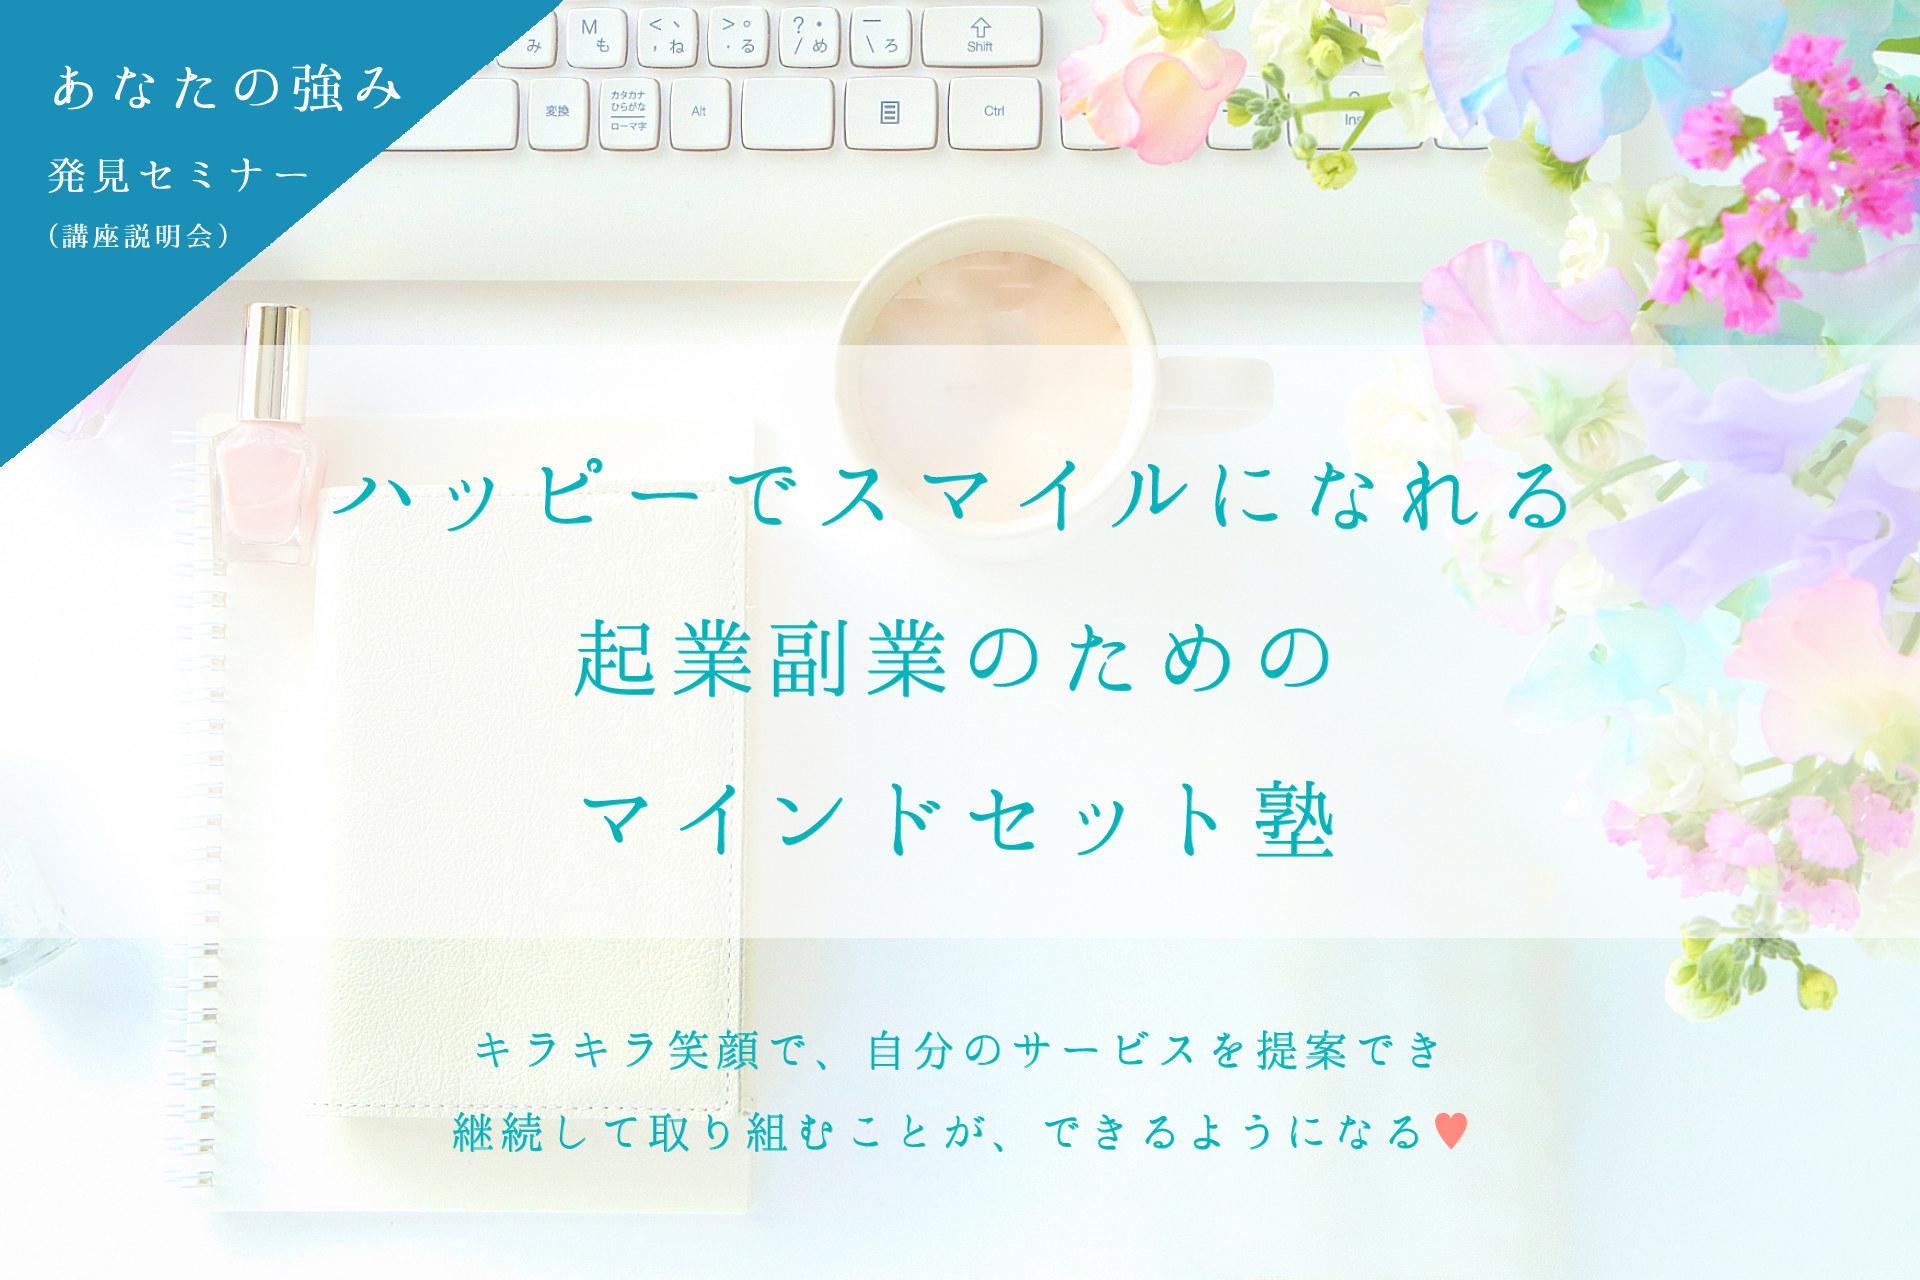 ハッピースマイル起業副業マインドセット塾 講座事前説明会